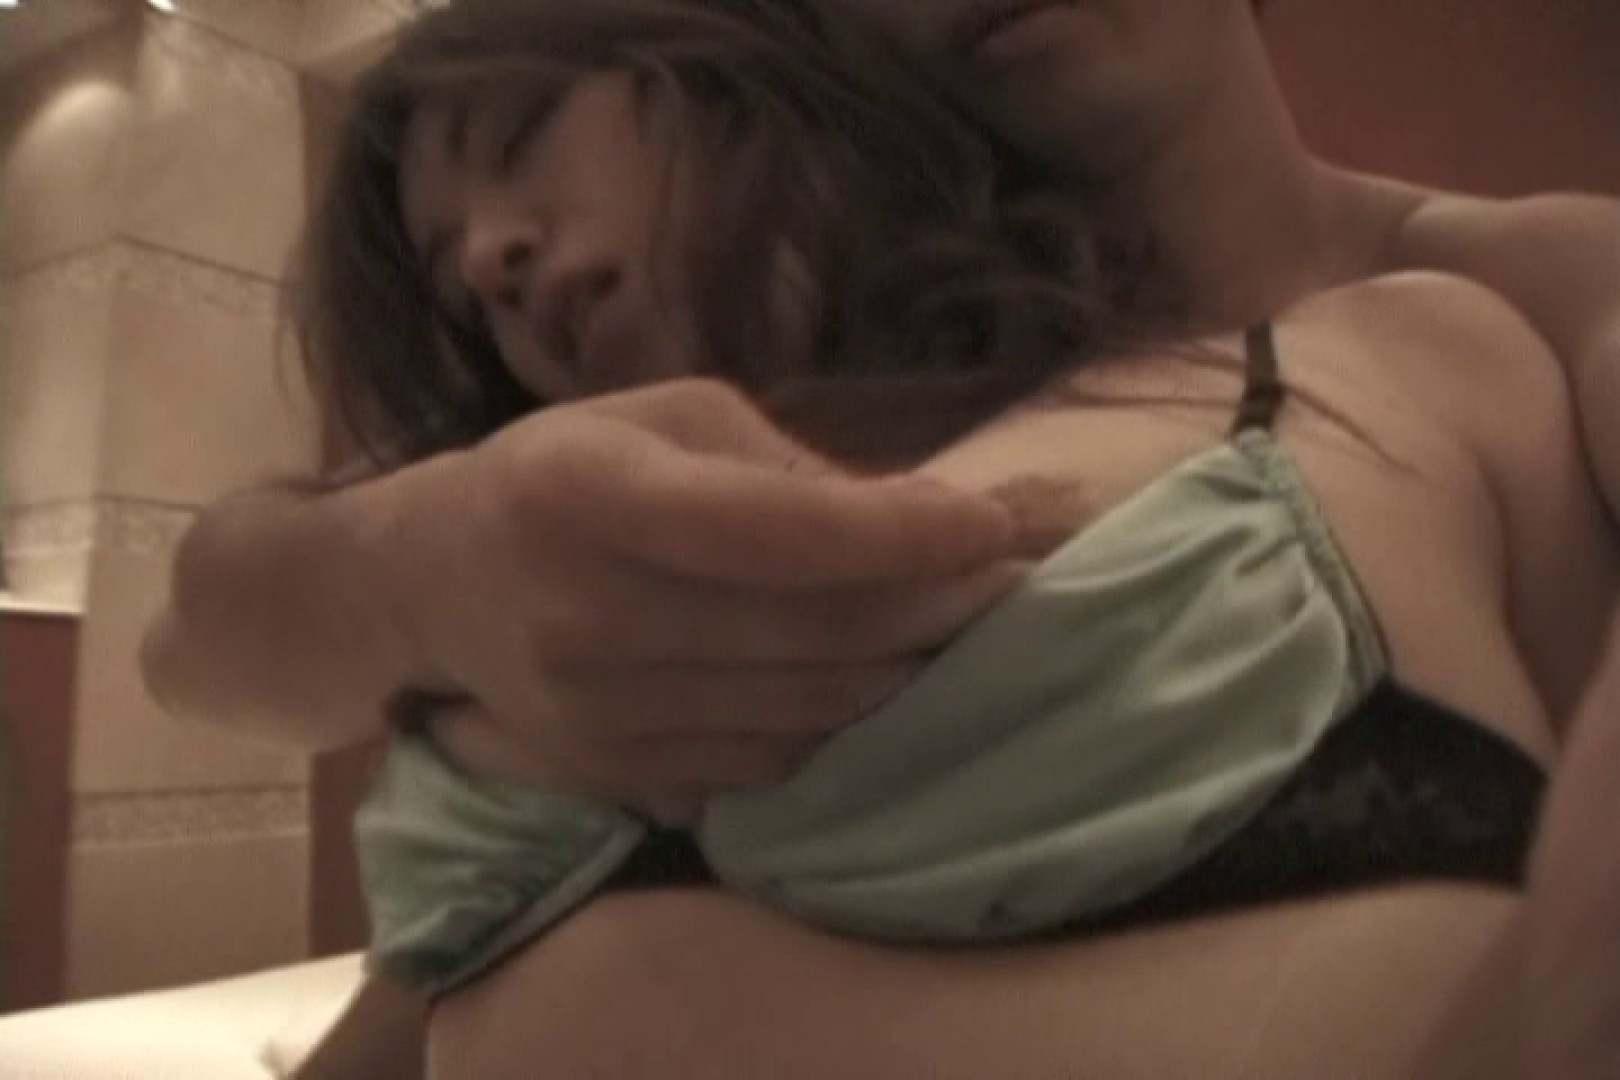 敏感な私の体を好きにして~川田さやか~ お姉さん達の乳首  76枚 51